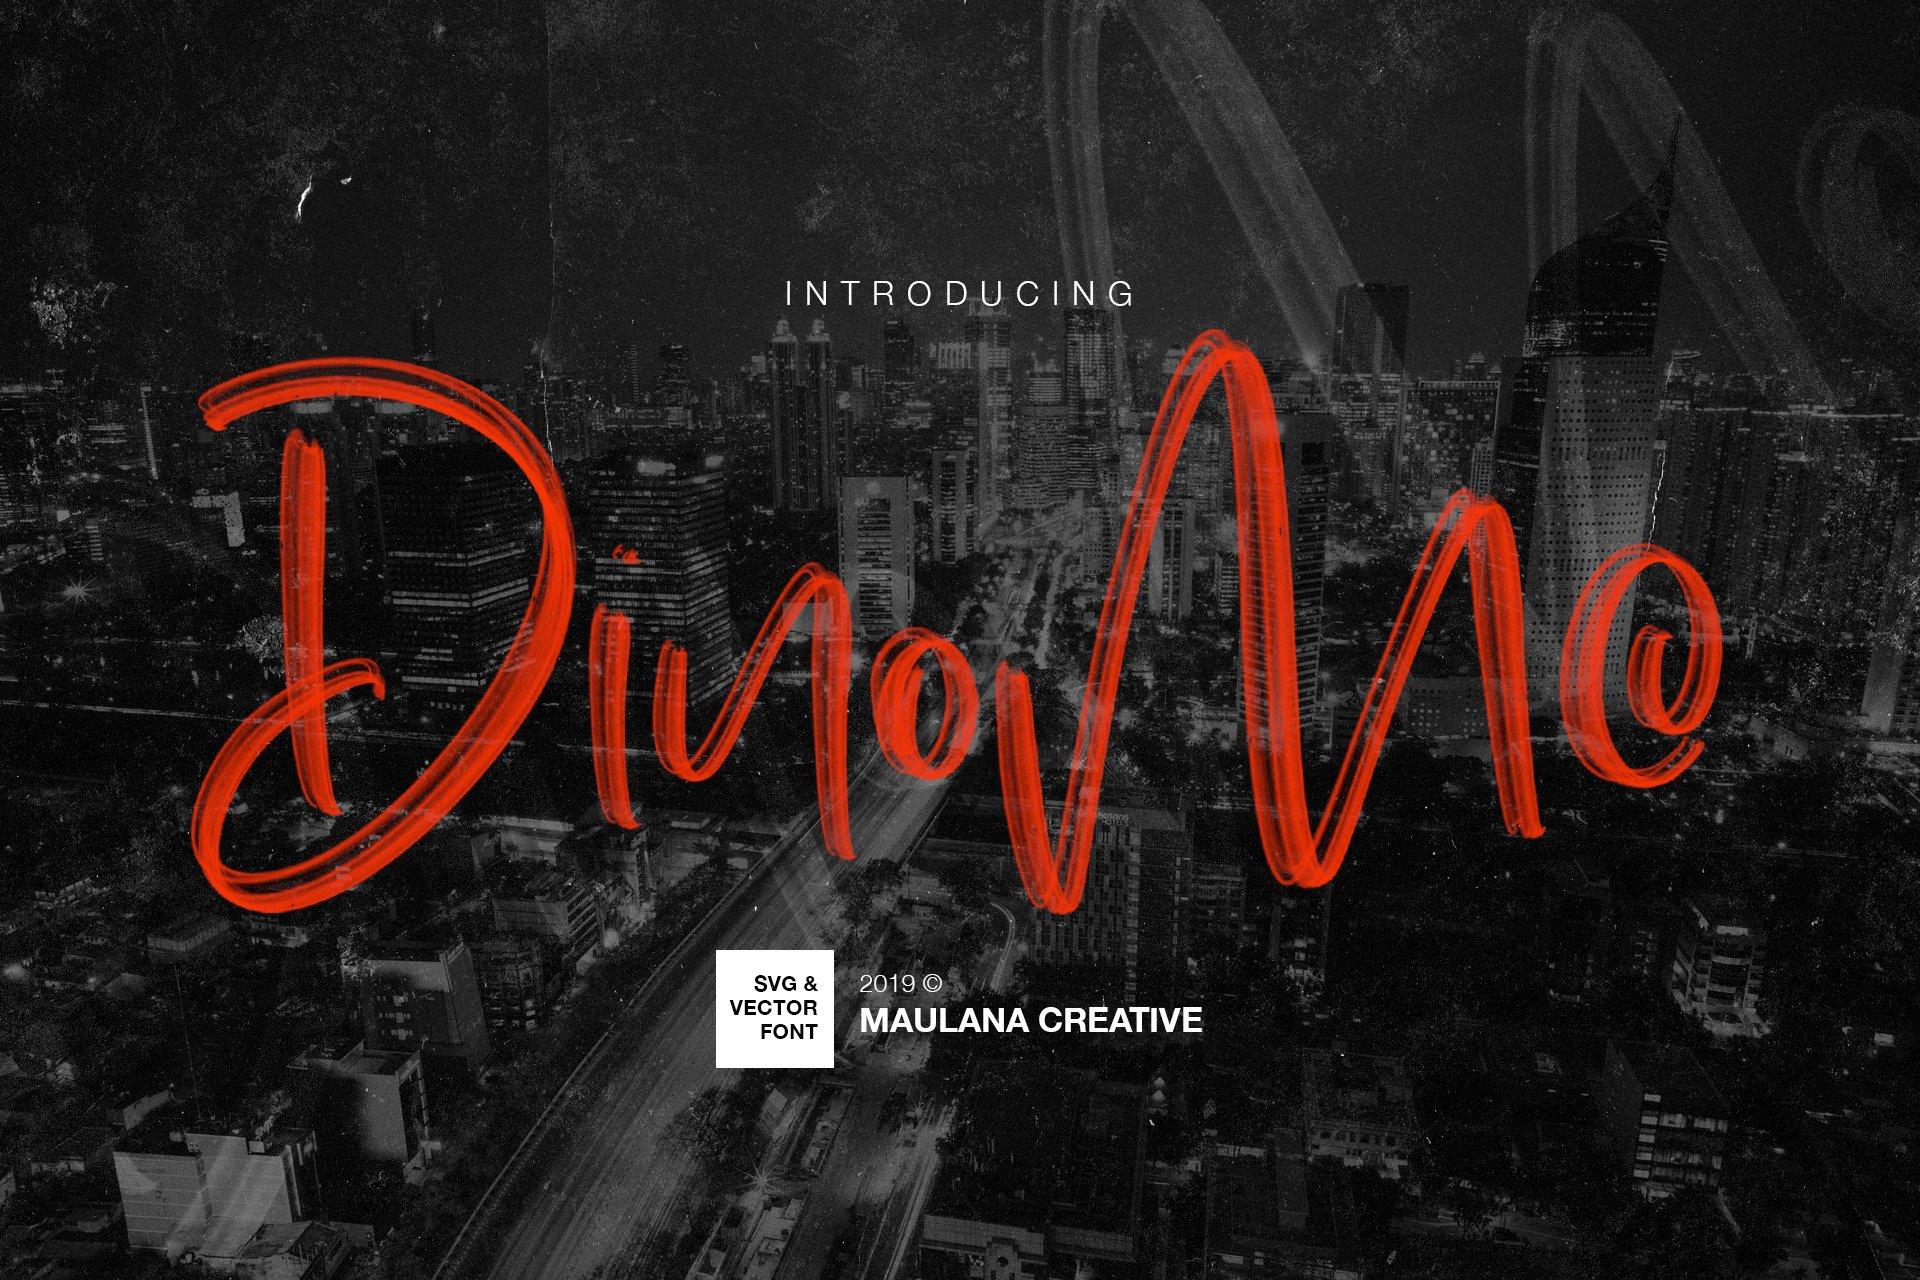 手写涂鸦书法笔刷杂志海报Logo标题英文字体设计素材 Dinomo SVG Brush Font插图